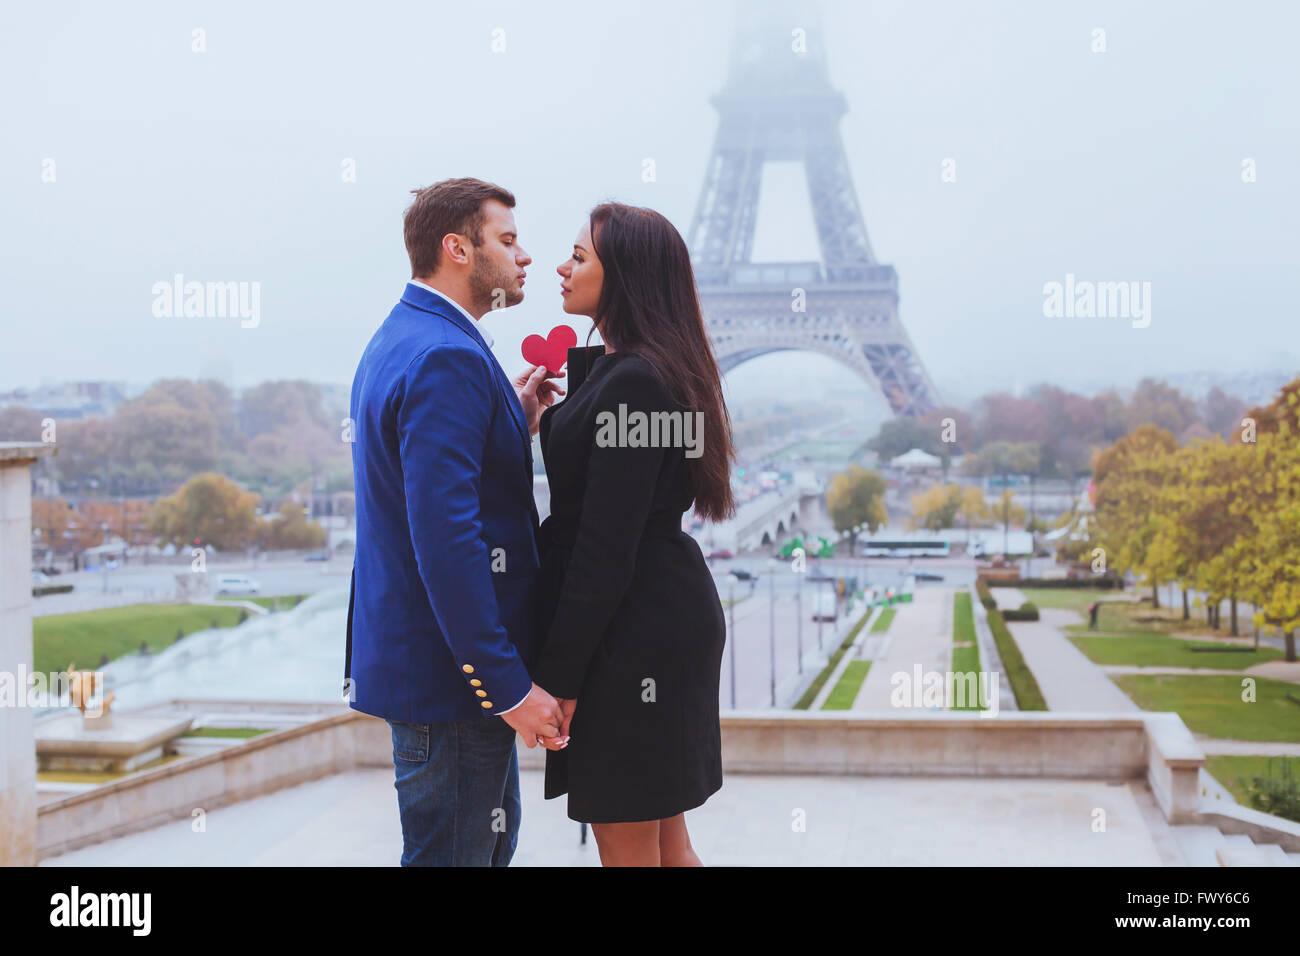 Valentines Day travel destination, couple in love près de Eiffel Tower, Paris, France Photo Stock